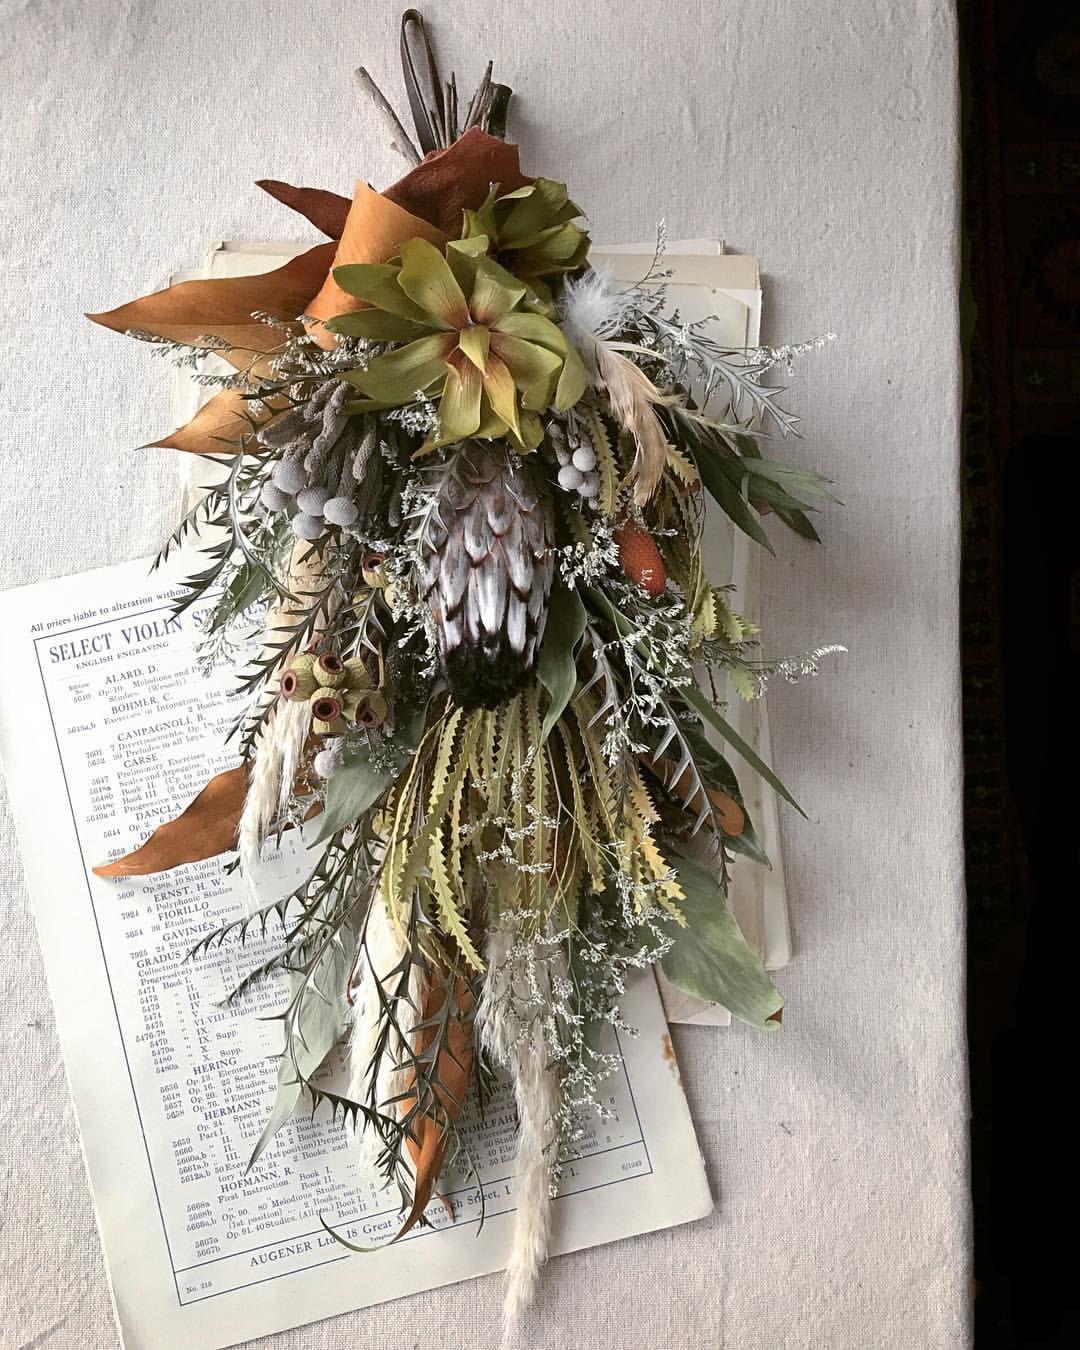 Dried Flowers Swag Cool な男の店へ 持ち手をレザーにすると 引き締まった印象 オブジェ感が増す かな Proteaniobe プロテア グレビレア バンクシア Banksia Grevillea ハンギングフラワー ドライフラワー クリスマス オーナメント